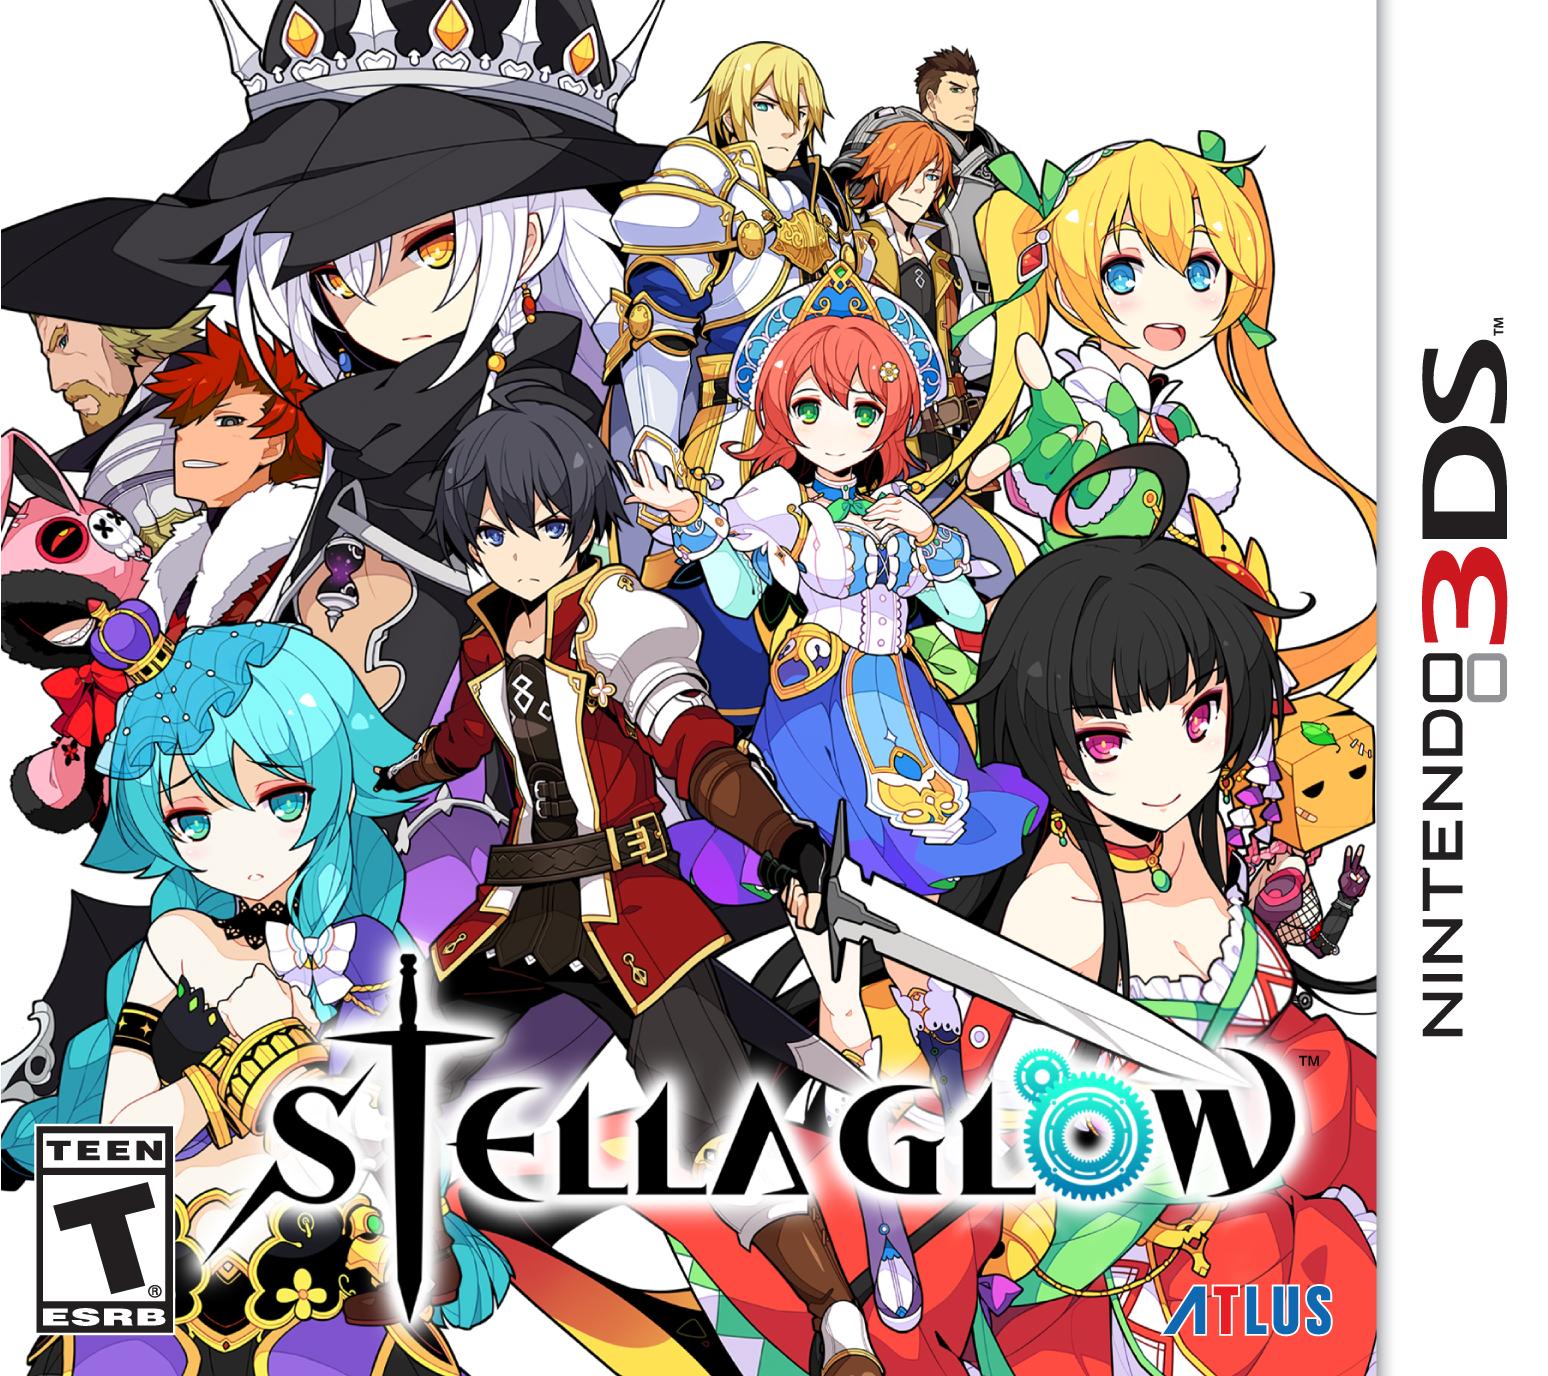 stella glow review